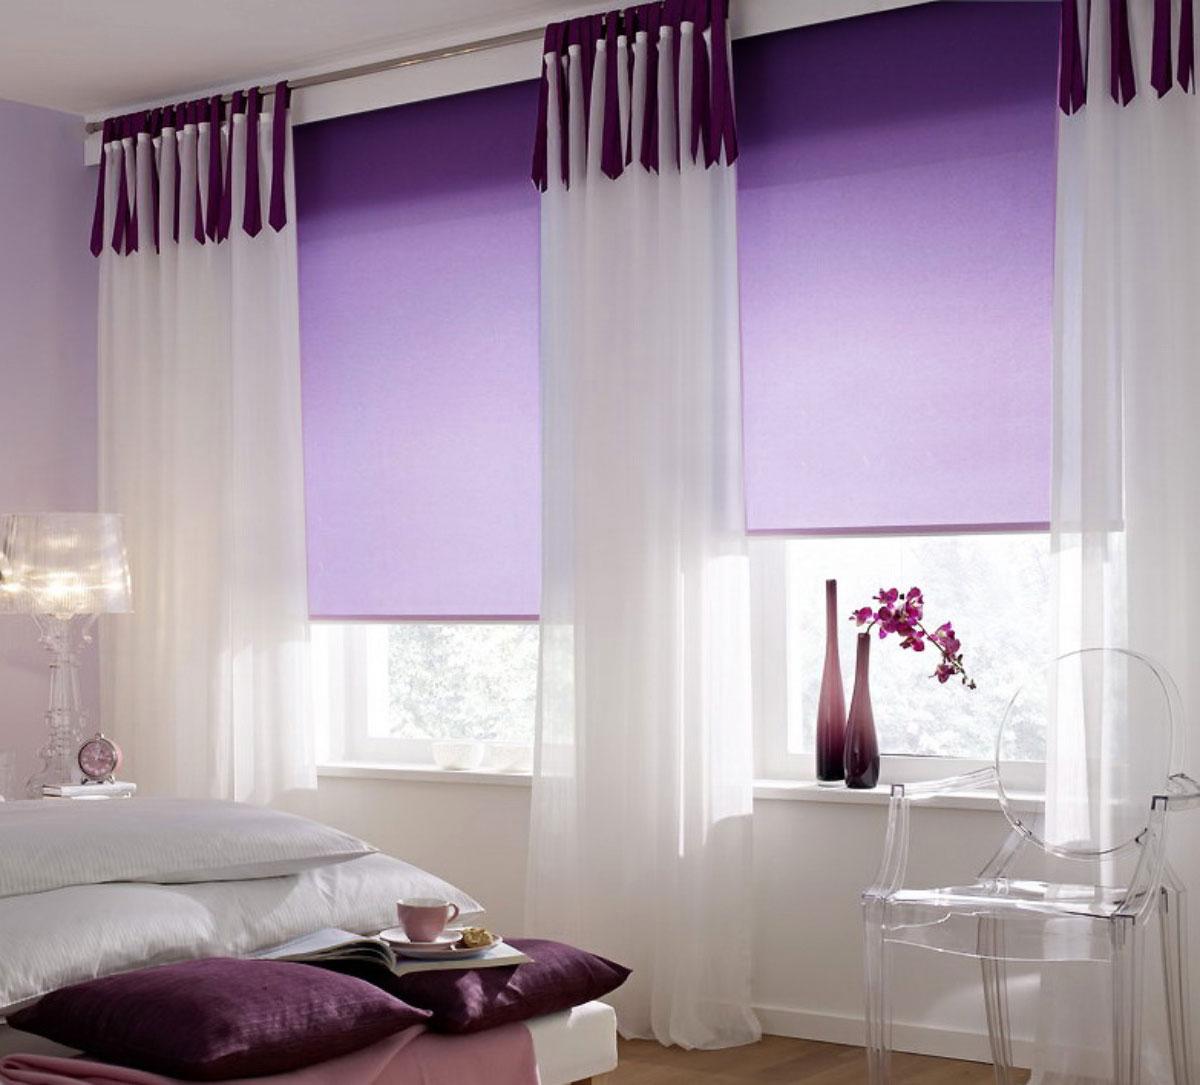 Штора рулонная KauffOrt Миниролло, цвет: фиолетовый, ширина 98 см, высота 170 см3098007Рулонная штора Миниролло выполнена из высокопрочной ткани, которая сохраняет свой размер даже при намокании. Ткань не выцветает и обладает отличной цветоустойчивостью. Миниролло - это подвид рулонных штор, который закрывает не весь оконный проем, а непосредственно само стекло. Такие шторы крепятся на раму без сверления при помощи зажимов или клейкой двухсторонней ленты (в комплекте). Окно остается на гарантии, благодаря монтажу без сверления. Такая штора станет прекрасным элементом декора окна и гармонично впишется в интерьер любого помещения.